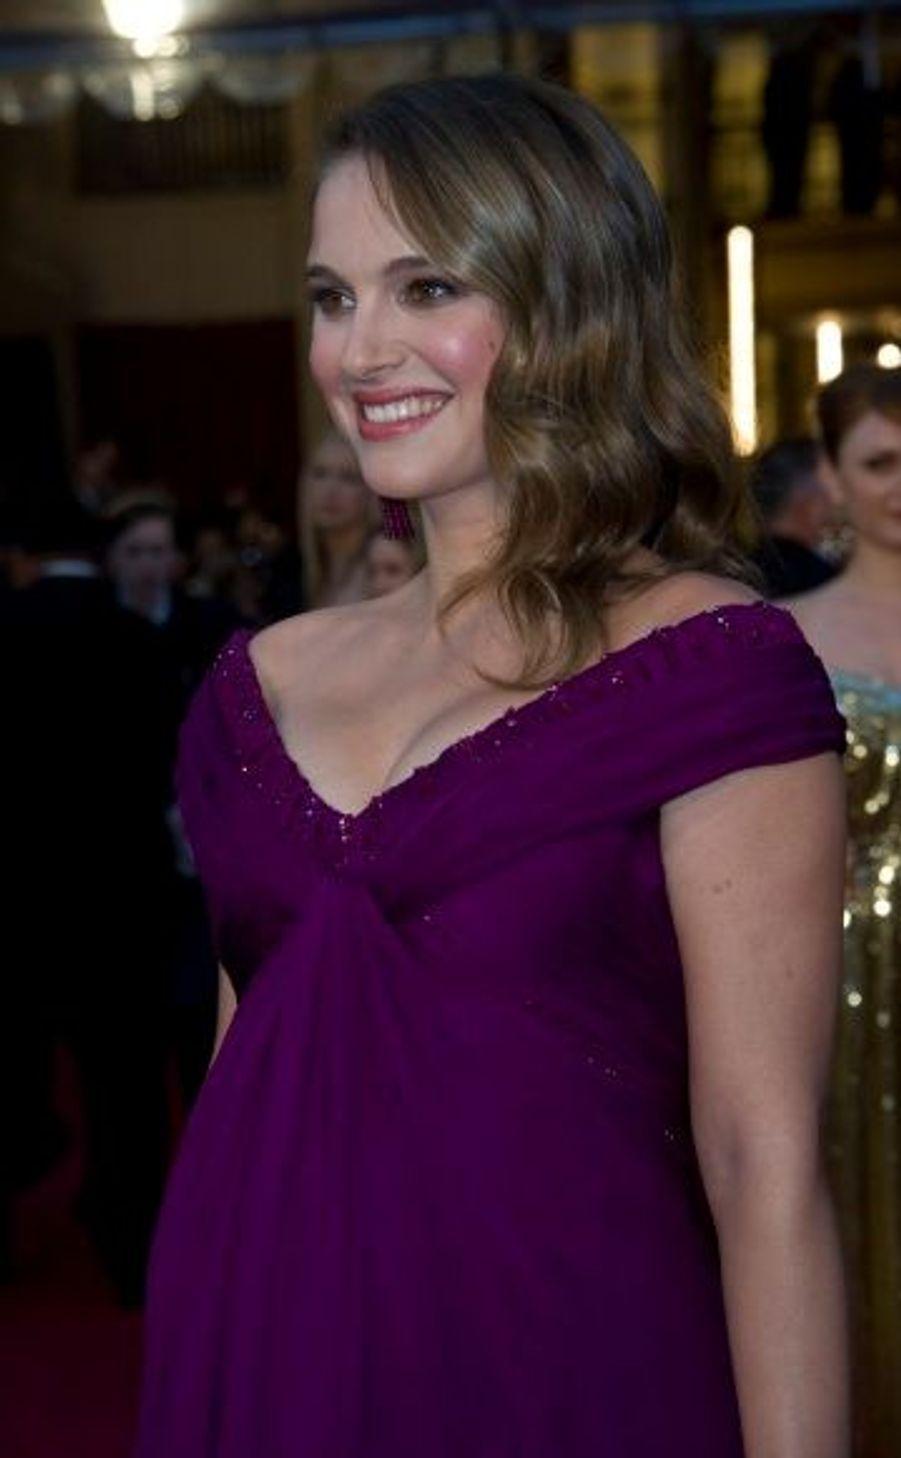 En décembre 2010, Natalie Portman, enceinte de son premier enfant, a annoncé ses fiançailles avec Benjamin Millepied. Le couple a accueilli un petit Aleph, le 14 juin.